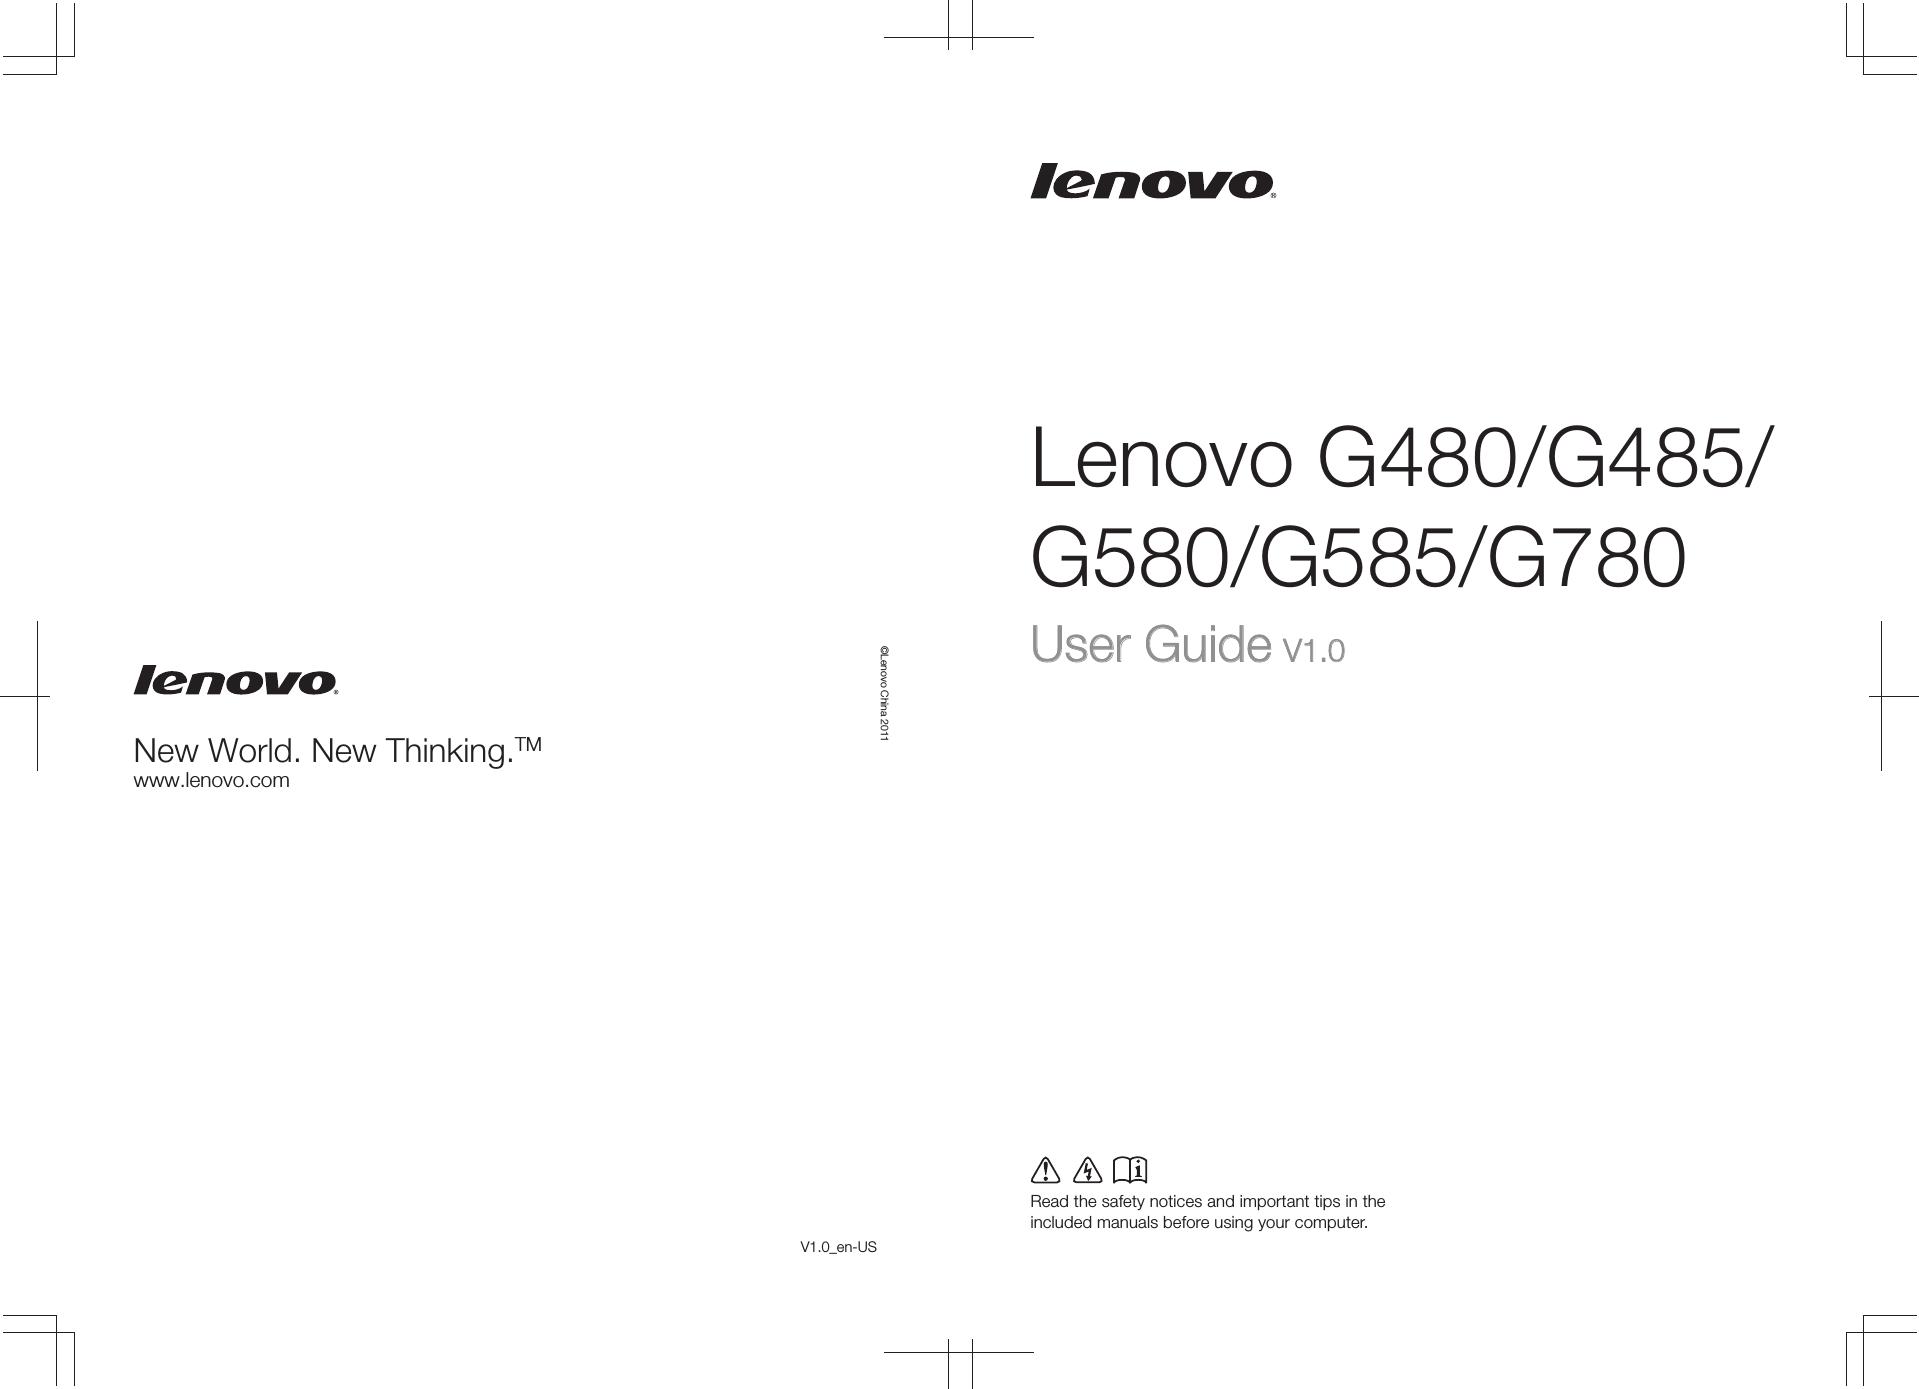 Lenovo G480 G485 G580 G585 G780 Ug V10 English Switch Power Laptop G480g485g580g585g780 User Guide En Manual Type 20149